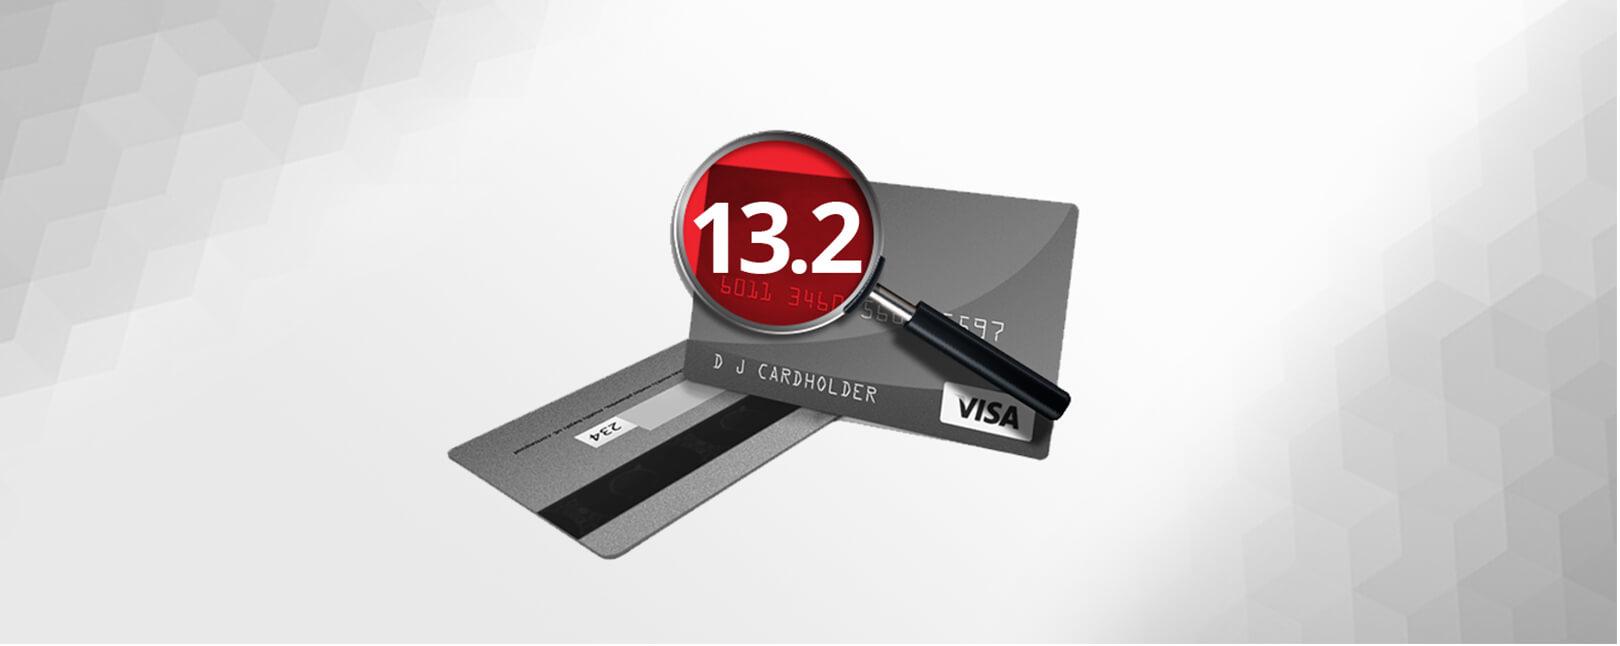 Visa Chargeback Reason Code 13-2